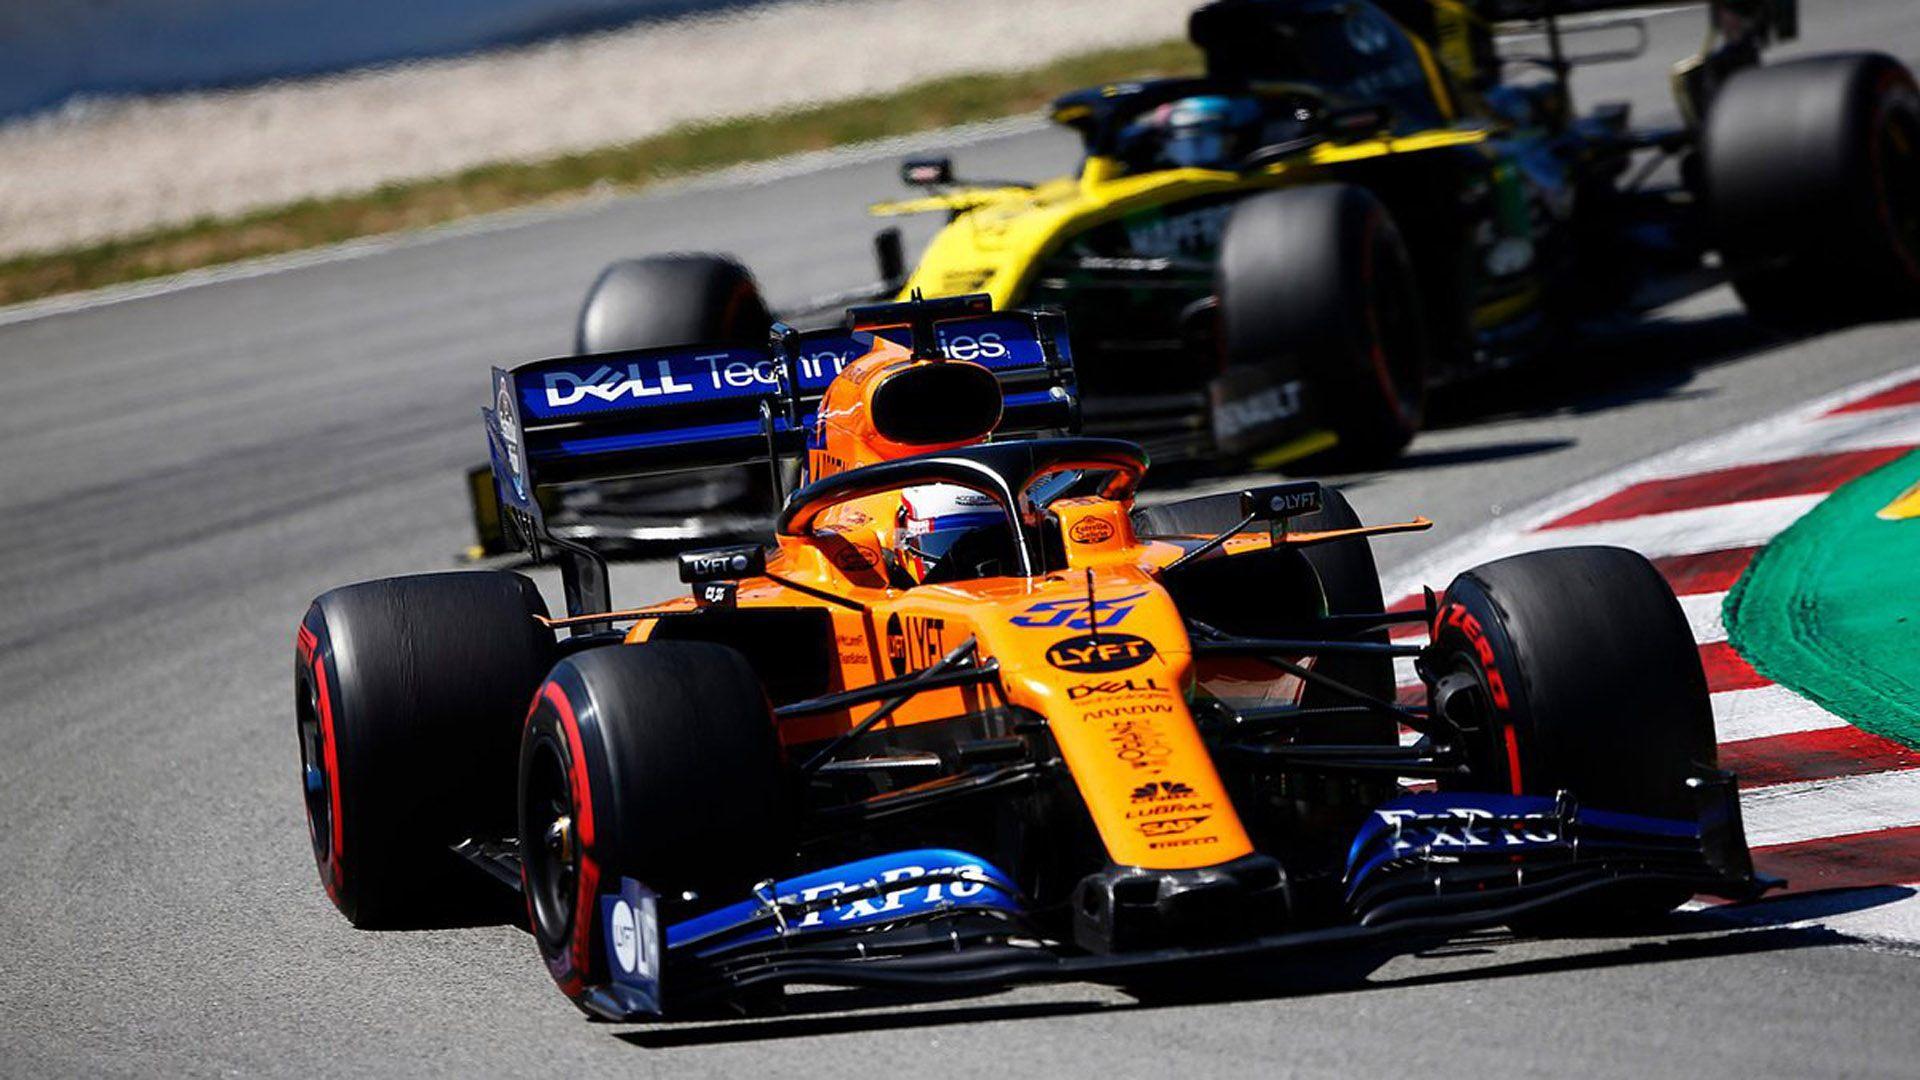 GP De España 2019 2